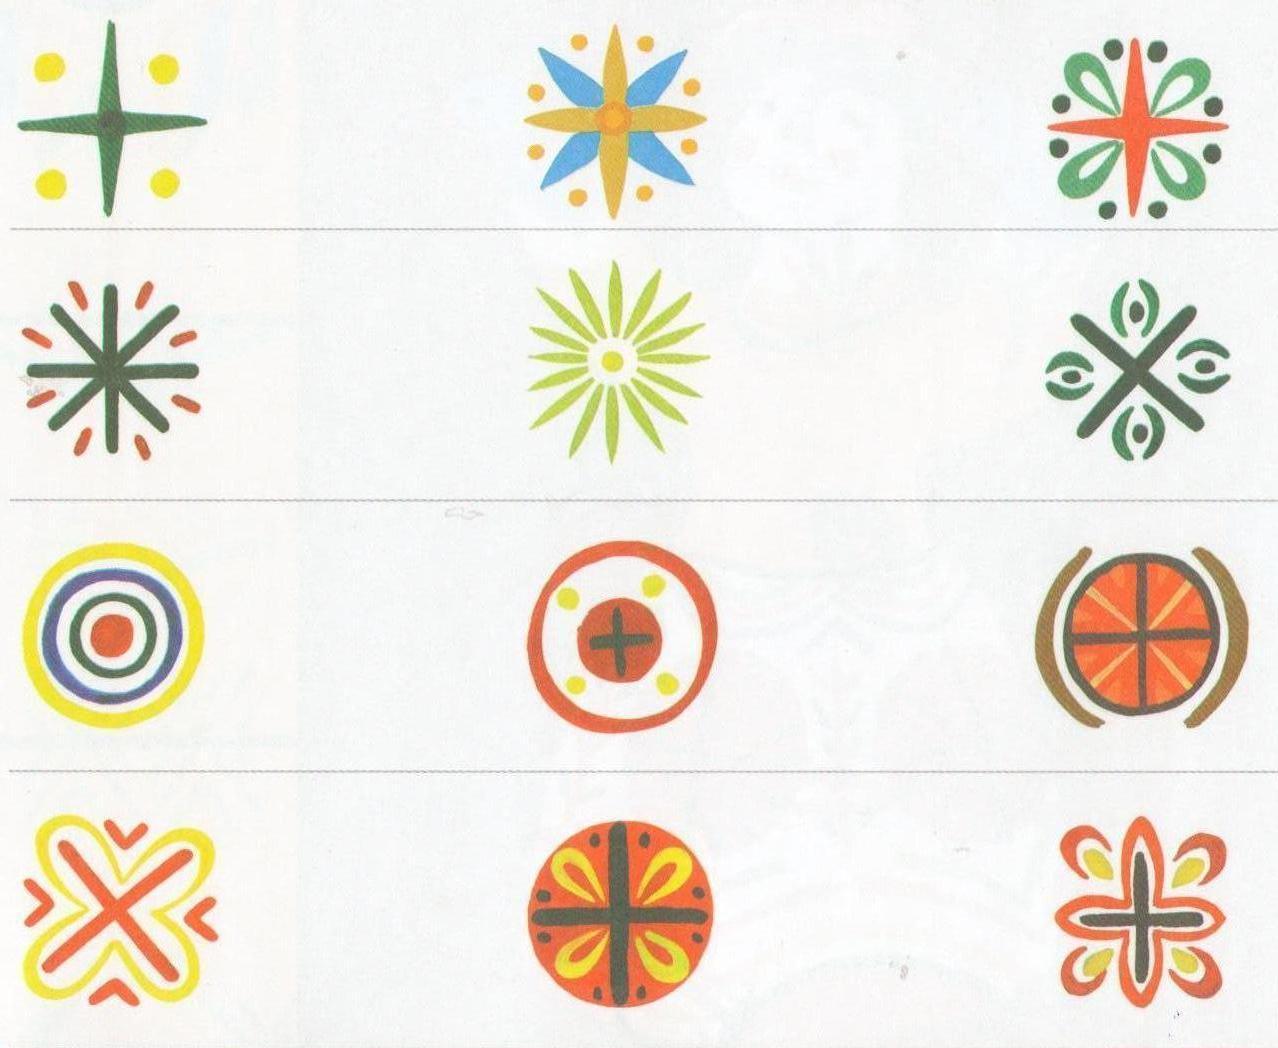 Солярных знаков в народном искусстве картинки